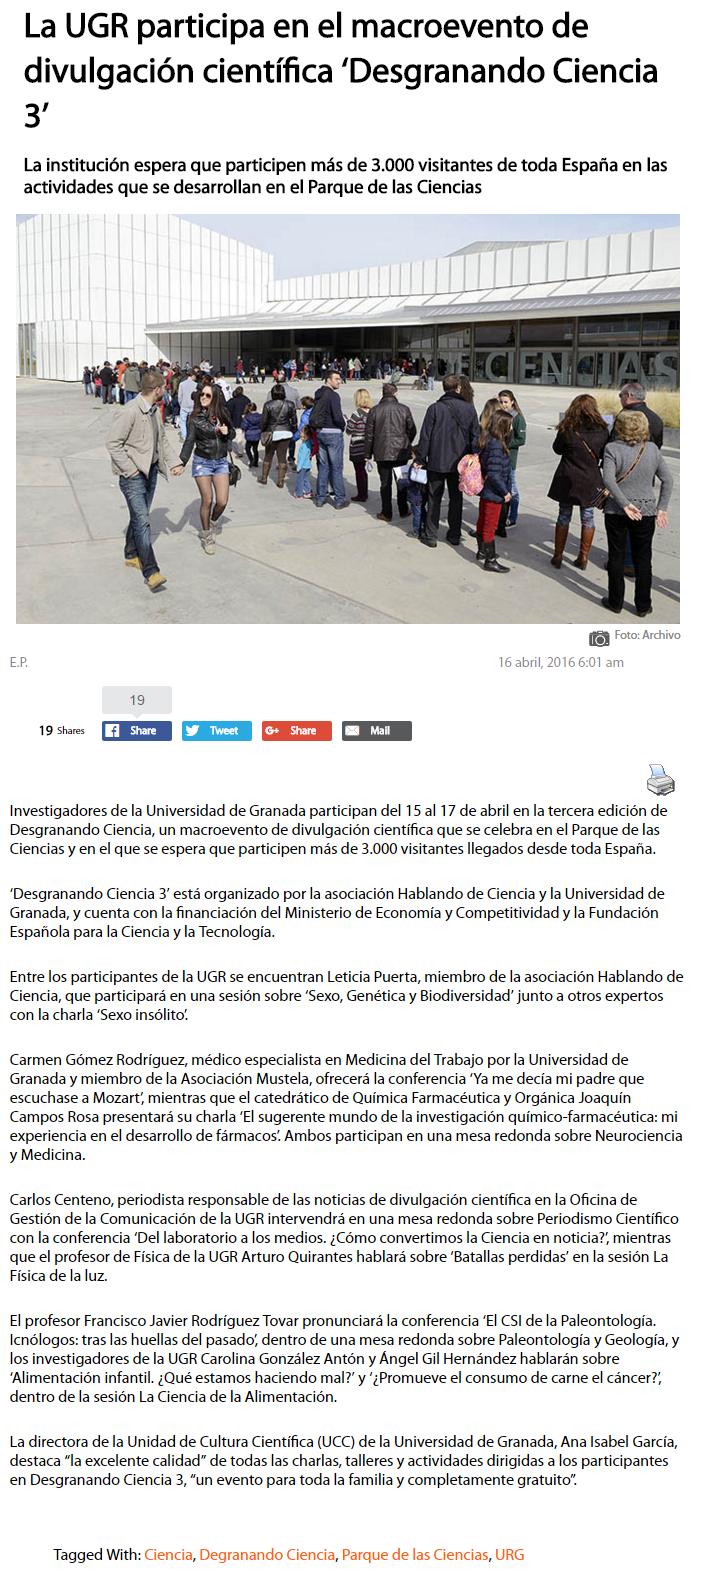 Granada Digital g 16 abril 2016